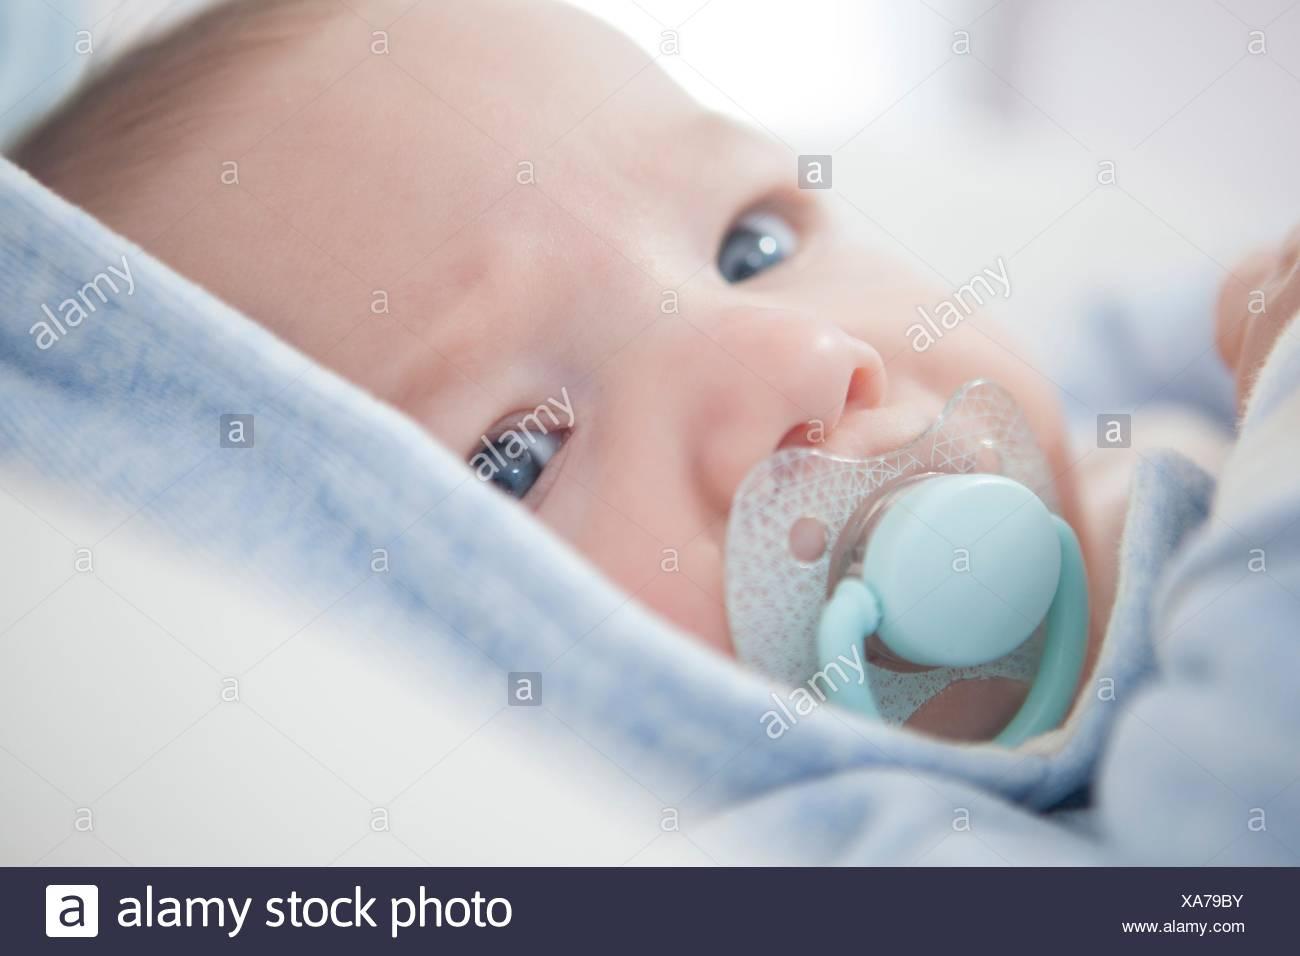 Porträt eines vier Monate alten Baby mit Schnuller. Selektive konzentrieren. Stockbild